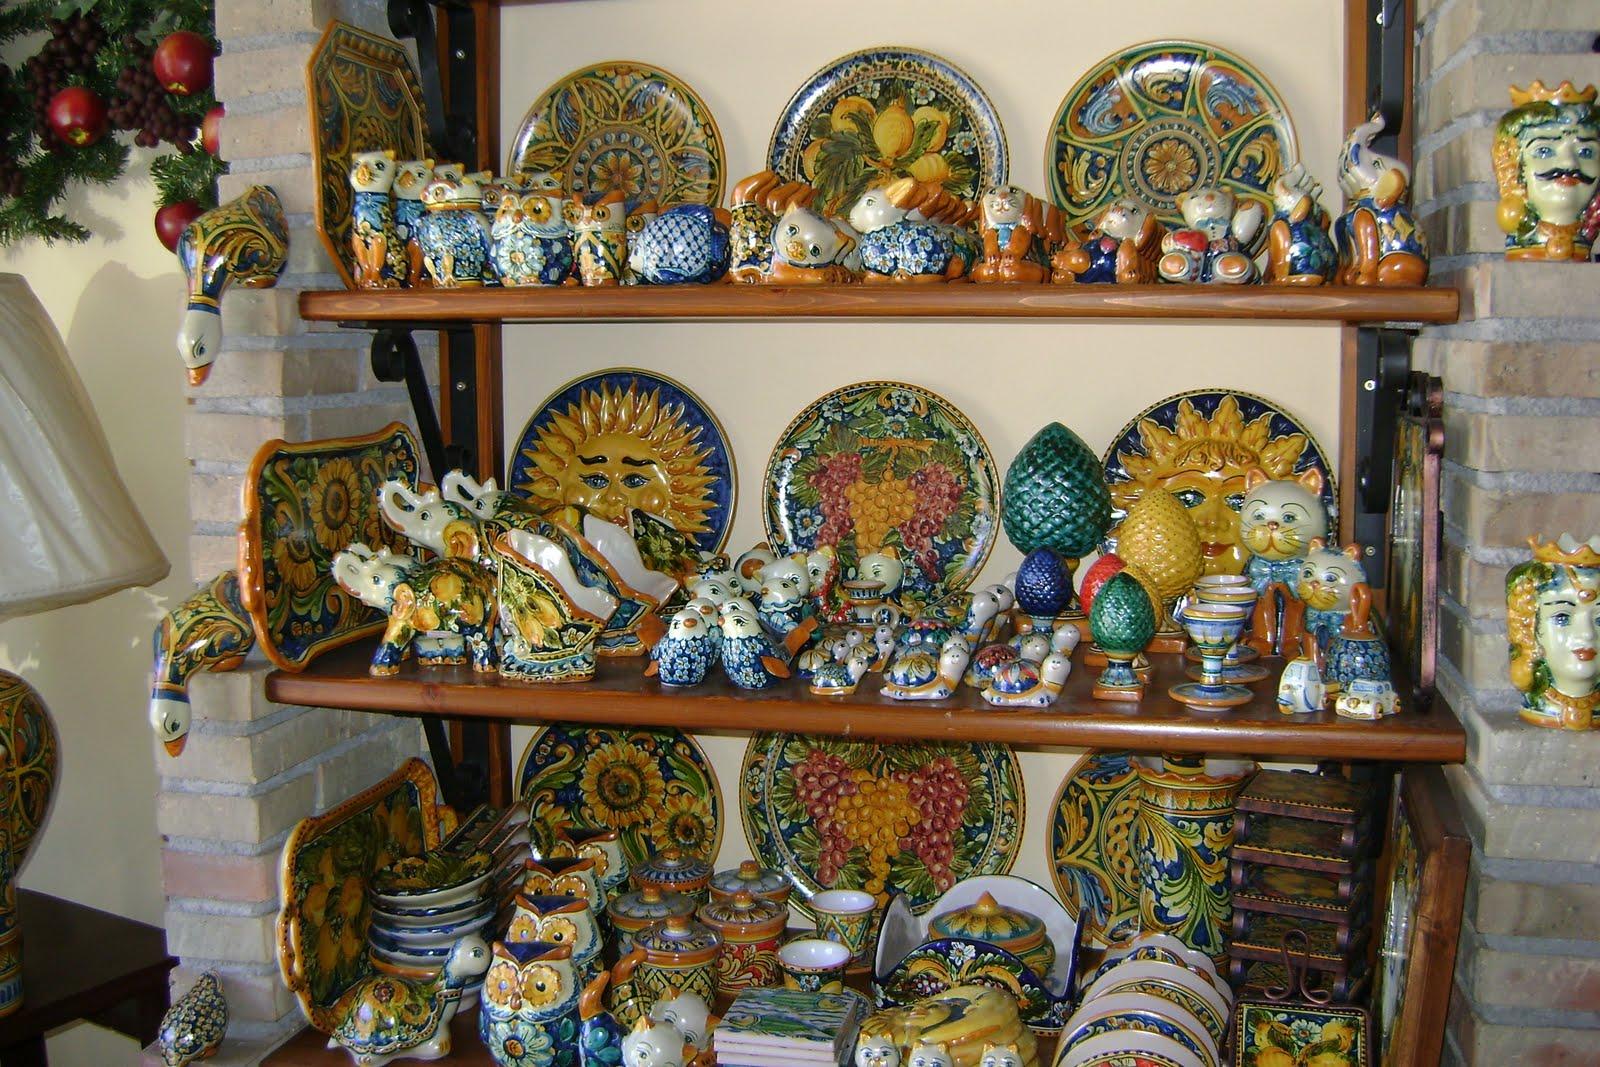 Piastrelle ceramica di caltagirone piastrelle caltagirone cucina